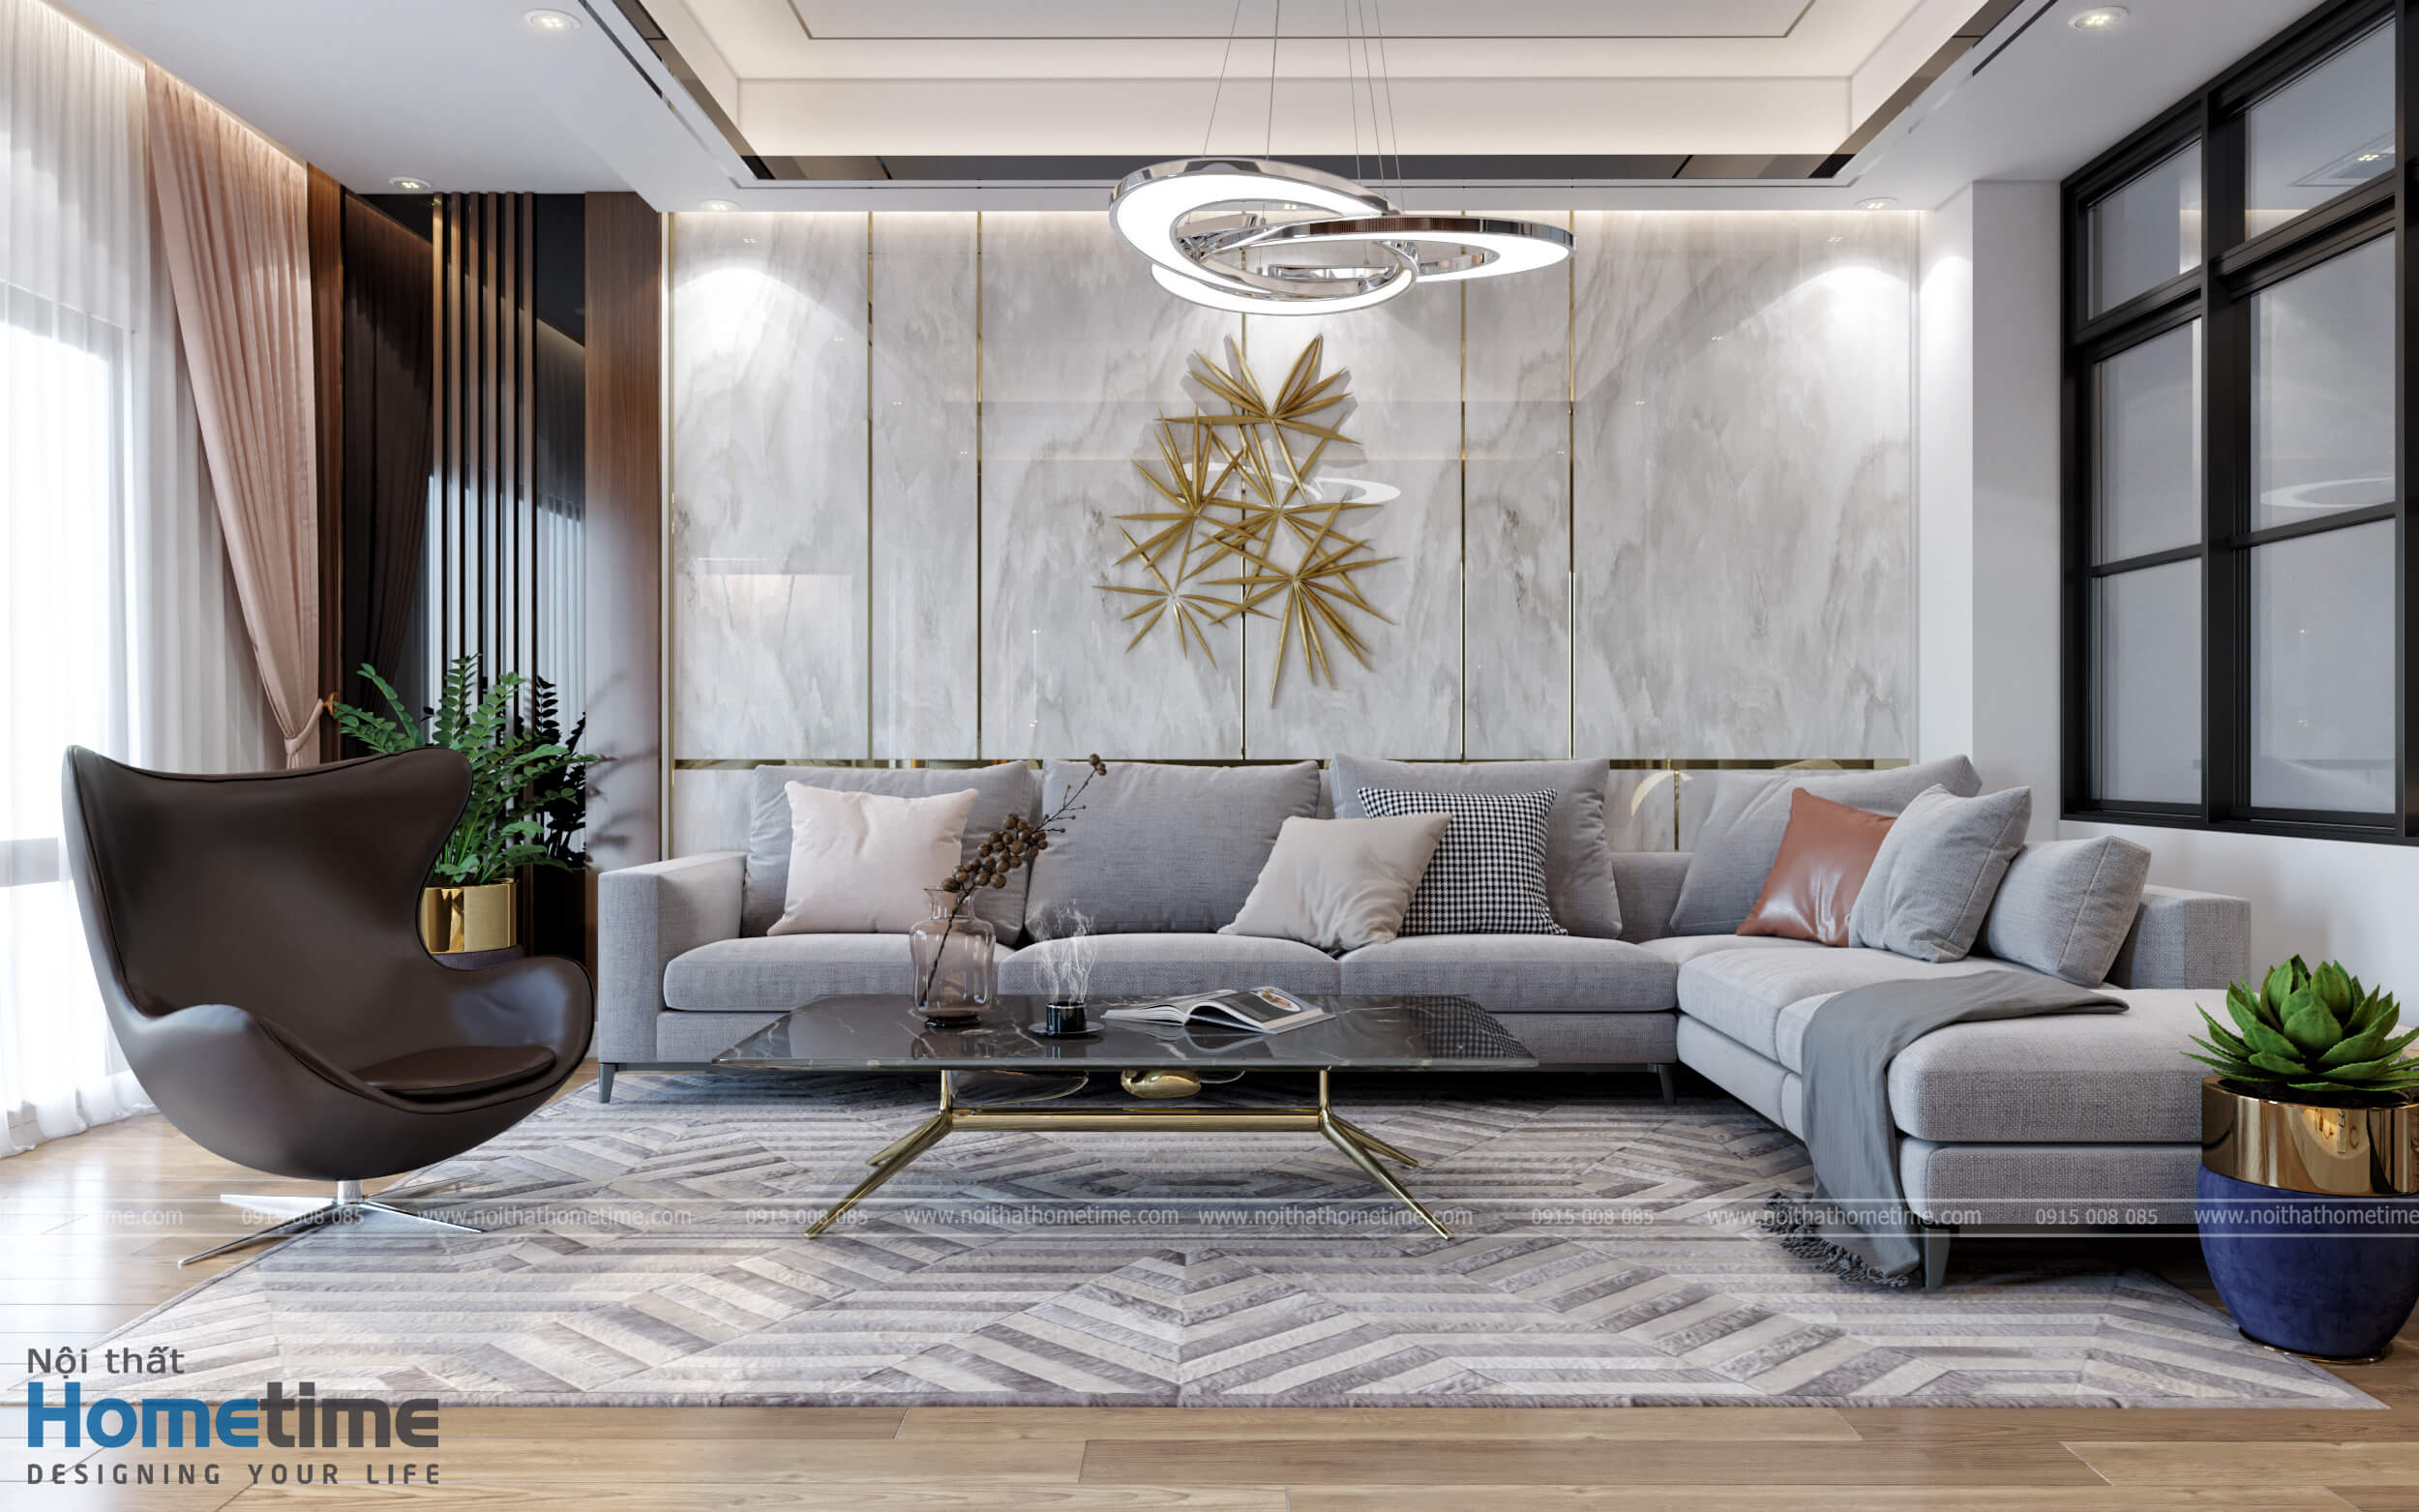 Bộ sofa nỉ cao cấp với tổng màu ghi sáng